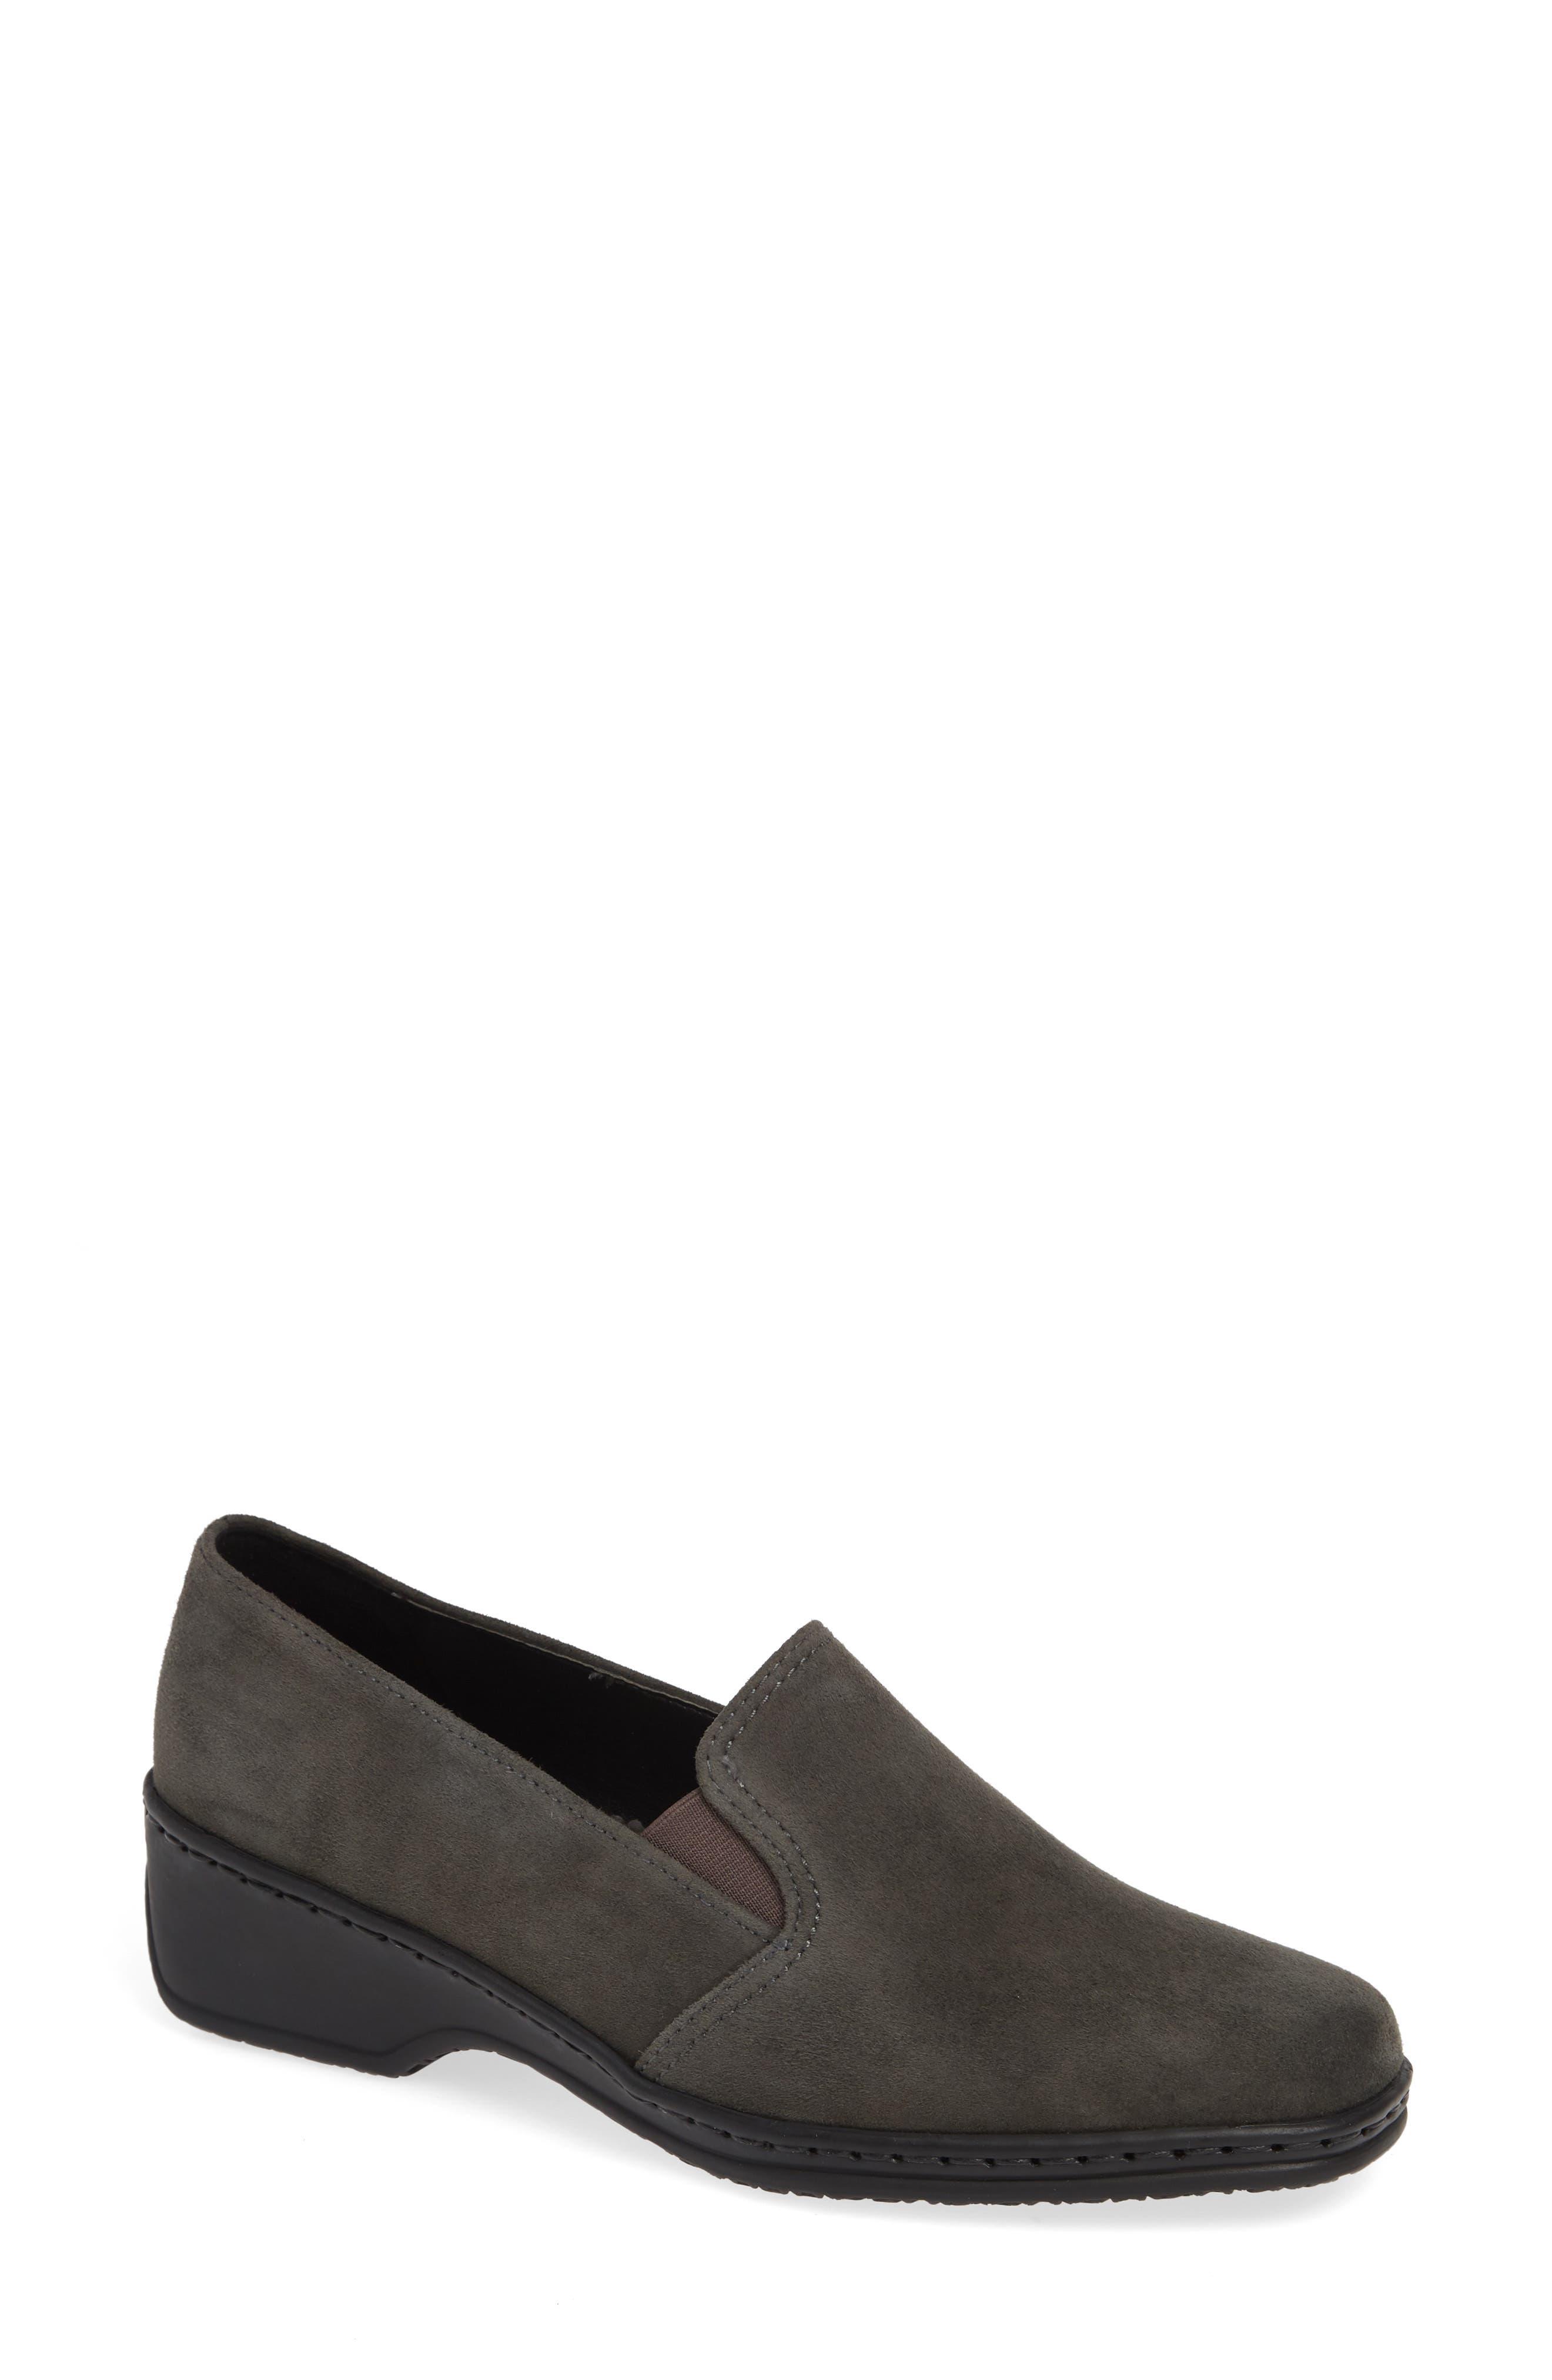 Ara Rabina Wedge Loafer, Grey